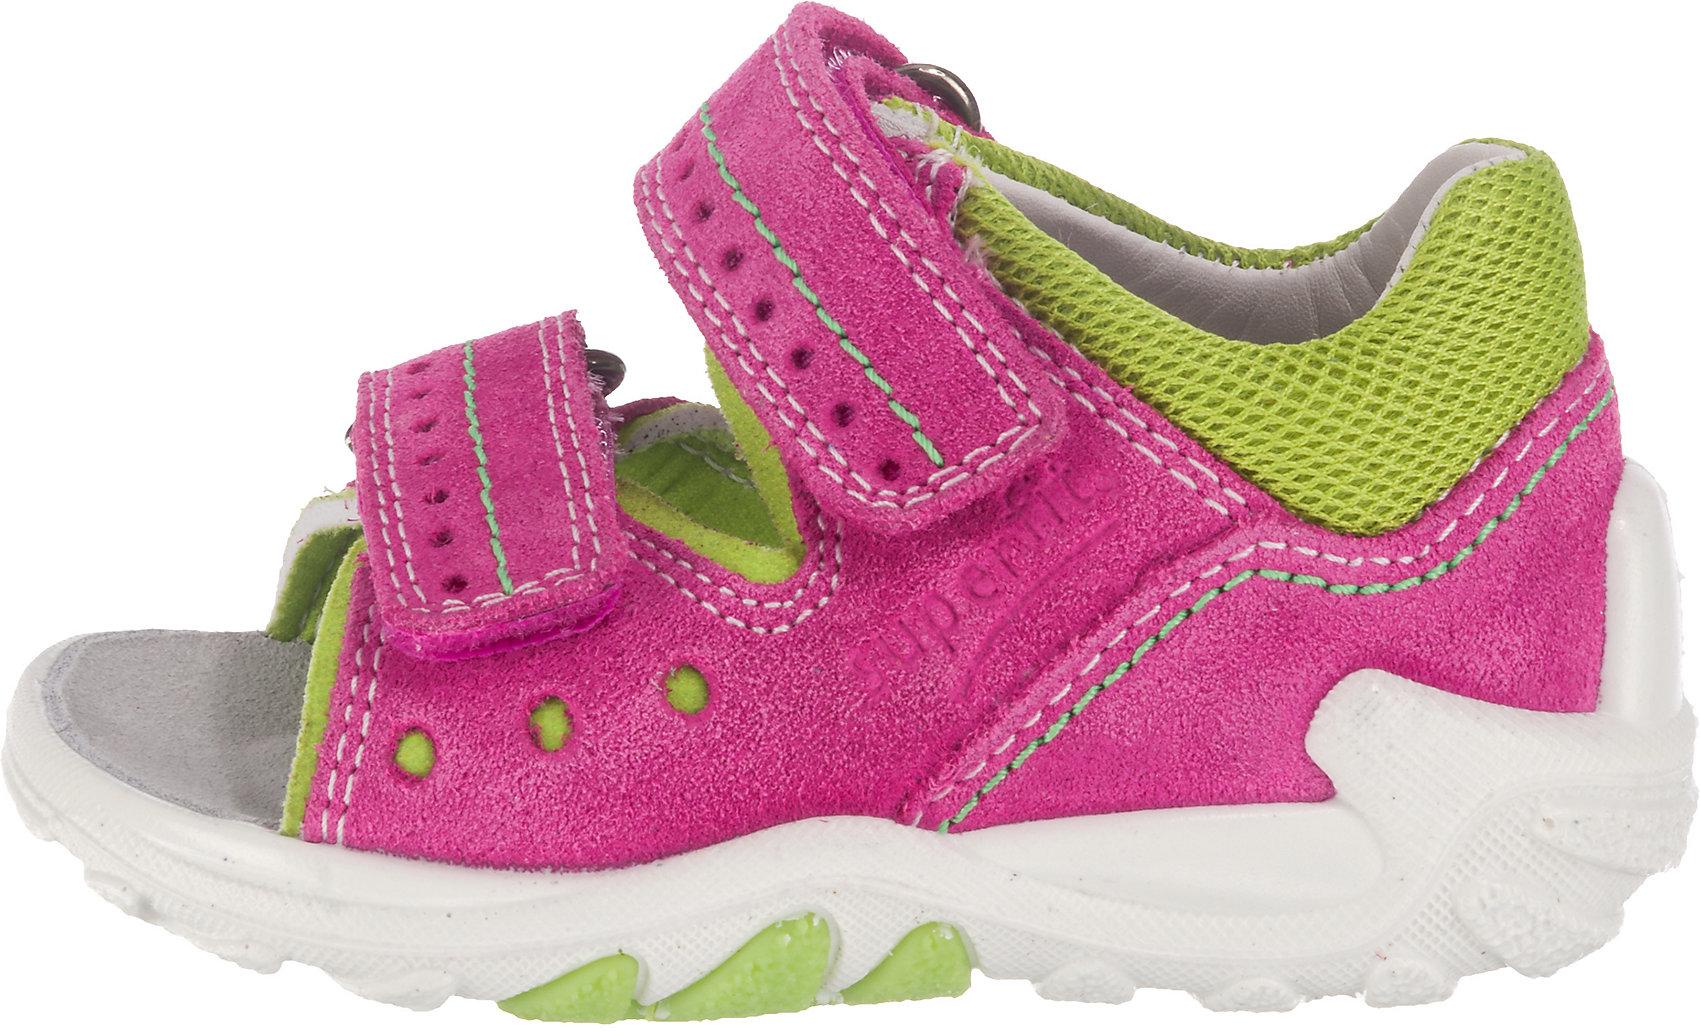 Details zu Neu superfit Baby Sandalen FLOW für Mädchen, Weite M4 7205449 für Jungen